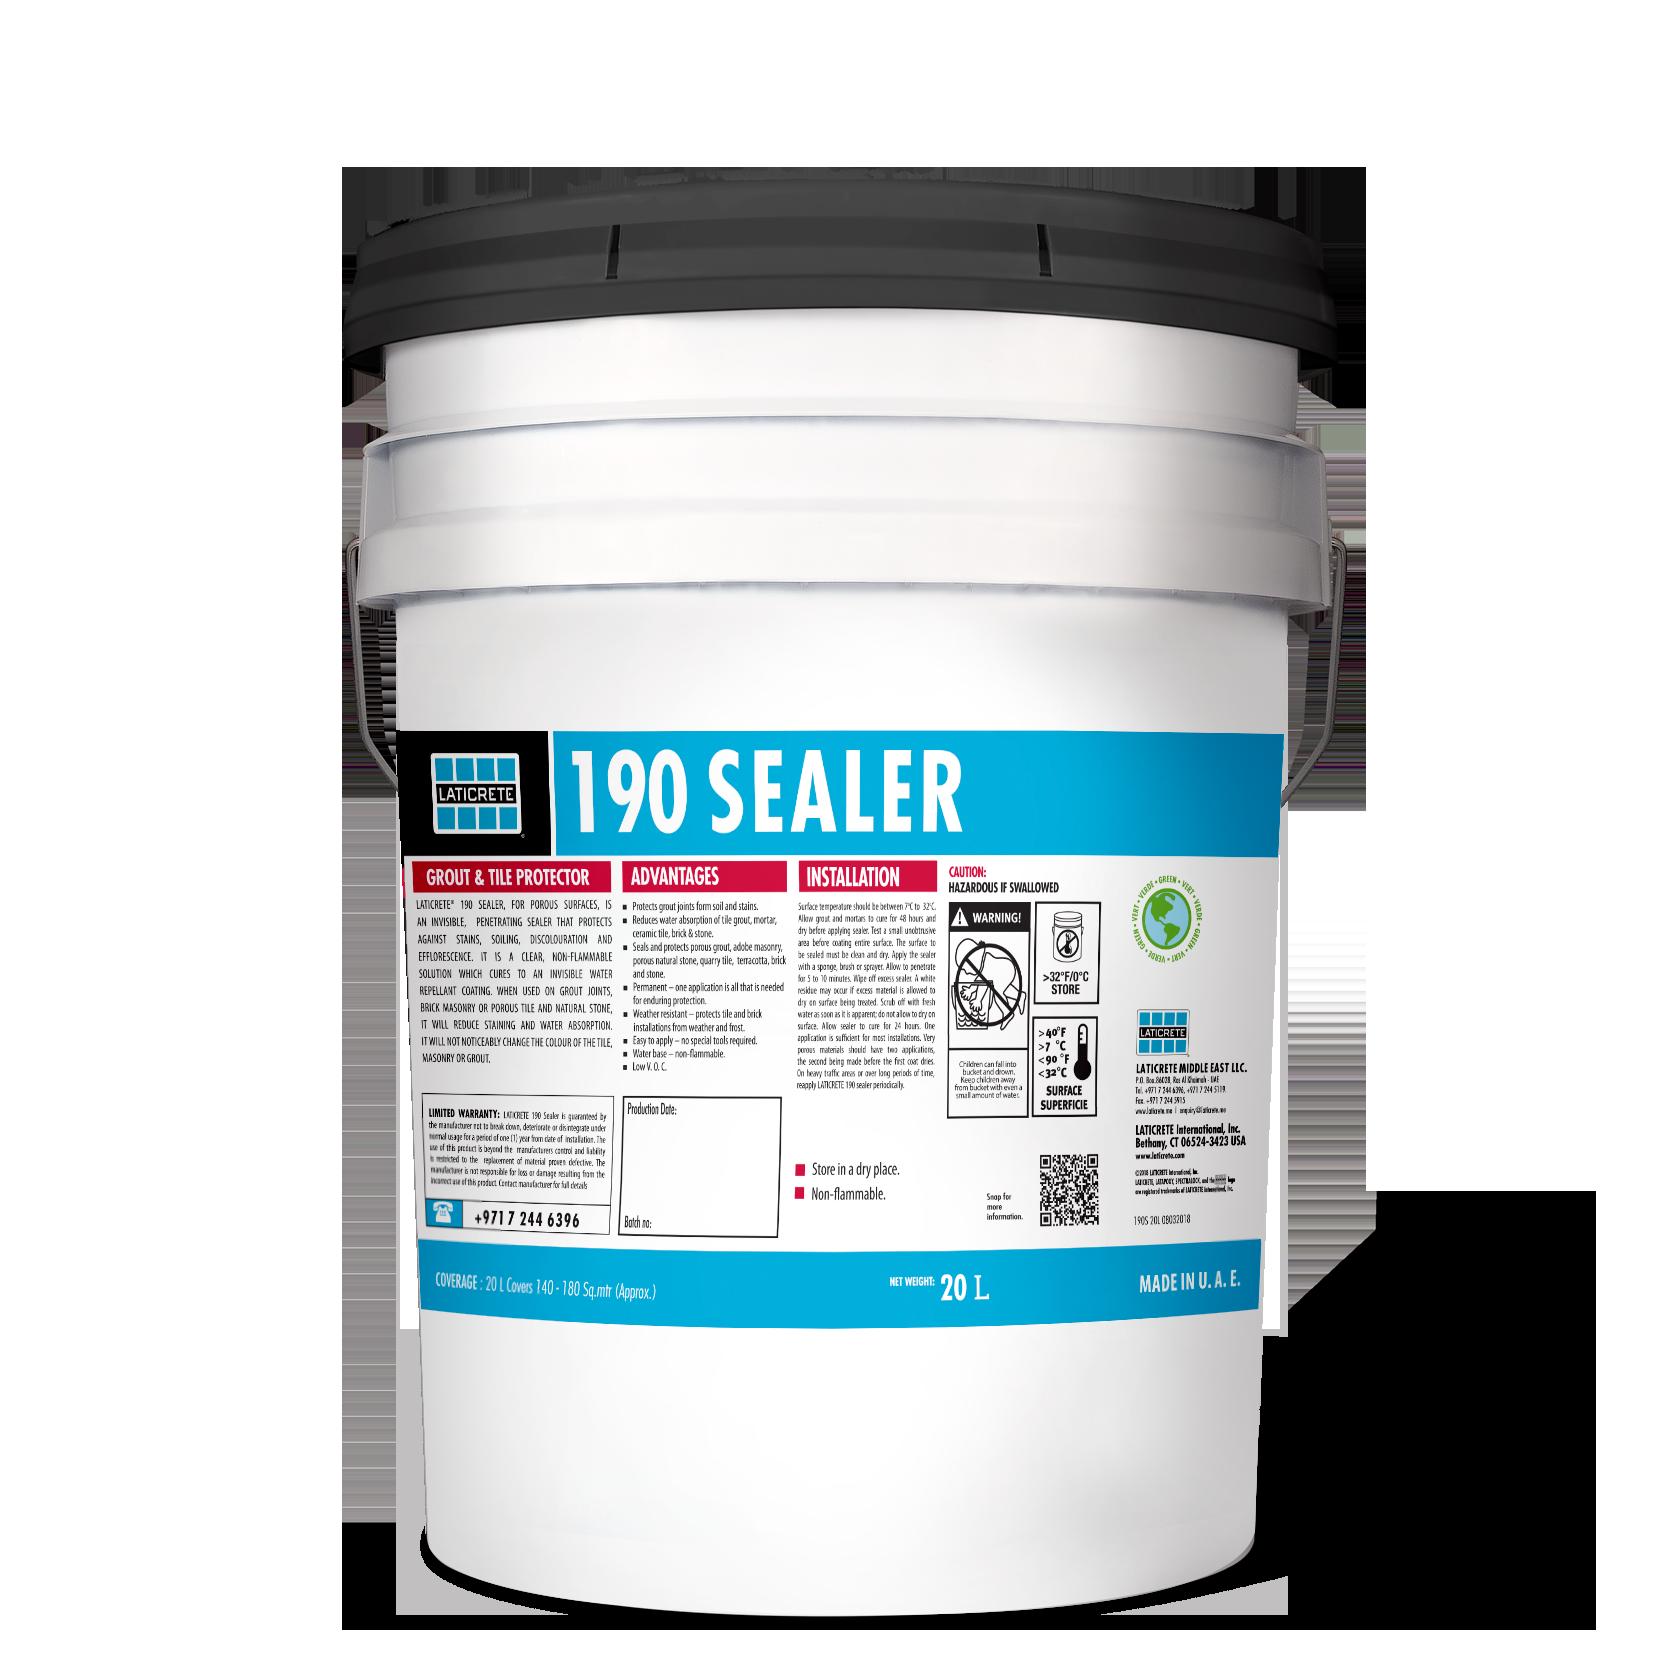 190 Sealer